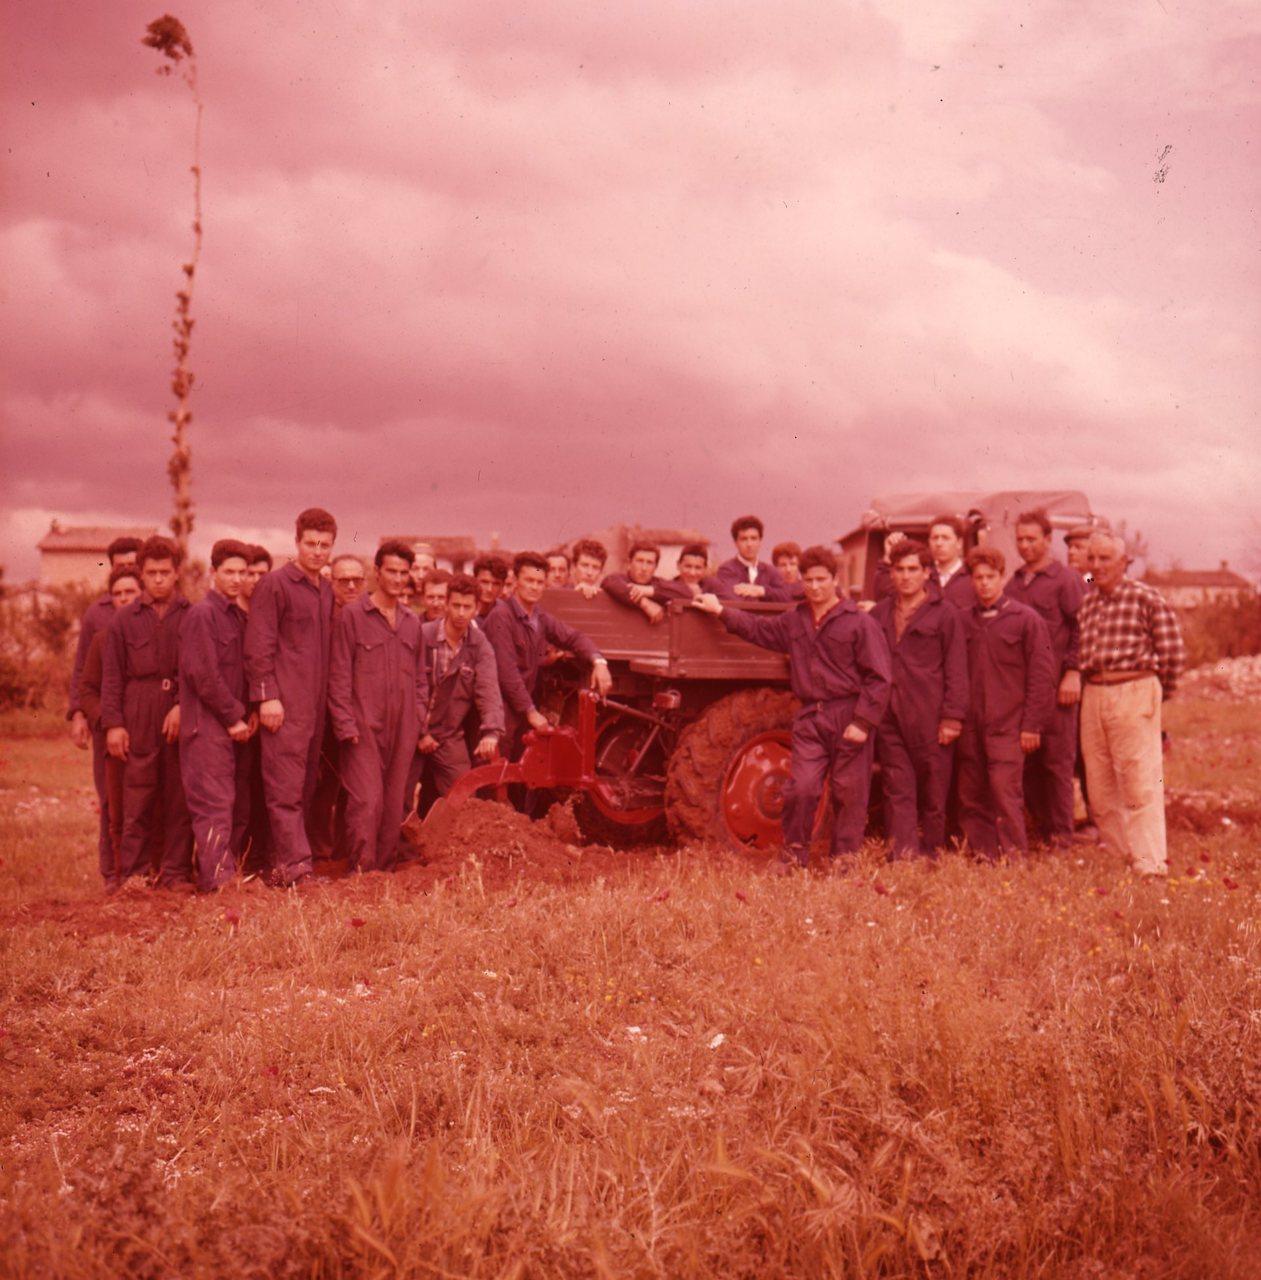 Istituto di Meccanica Agraria di Firenze, 23/10/64